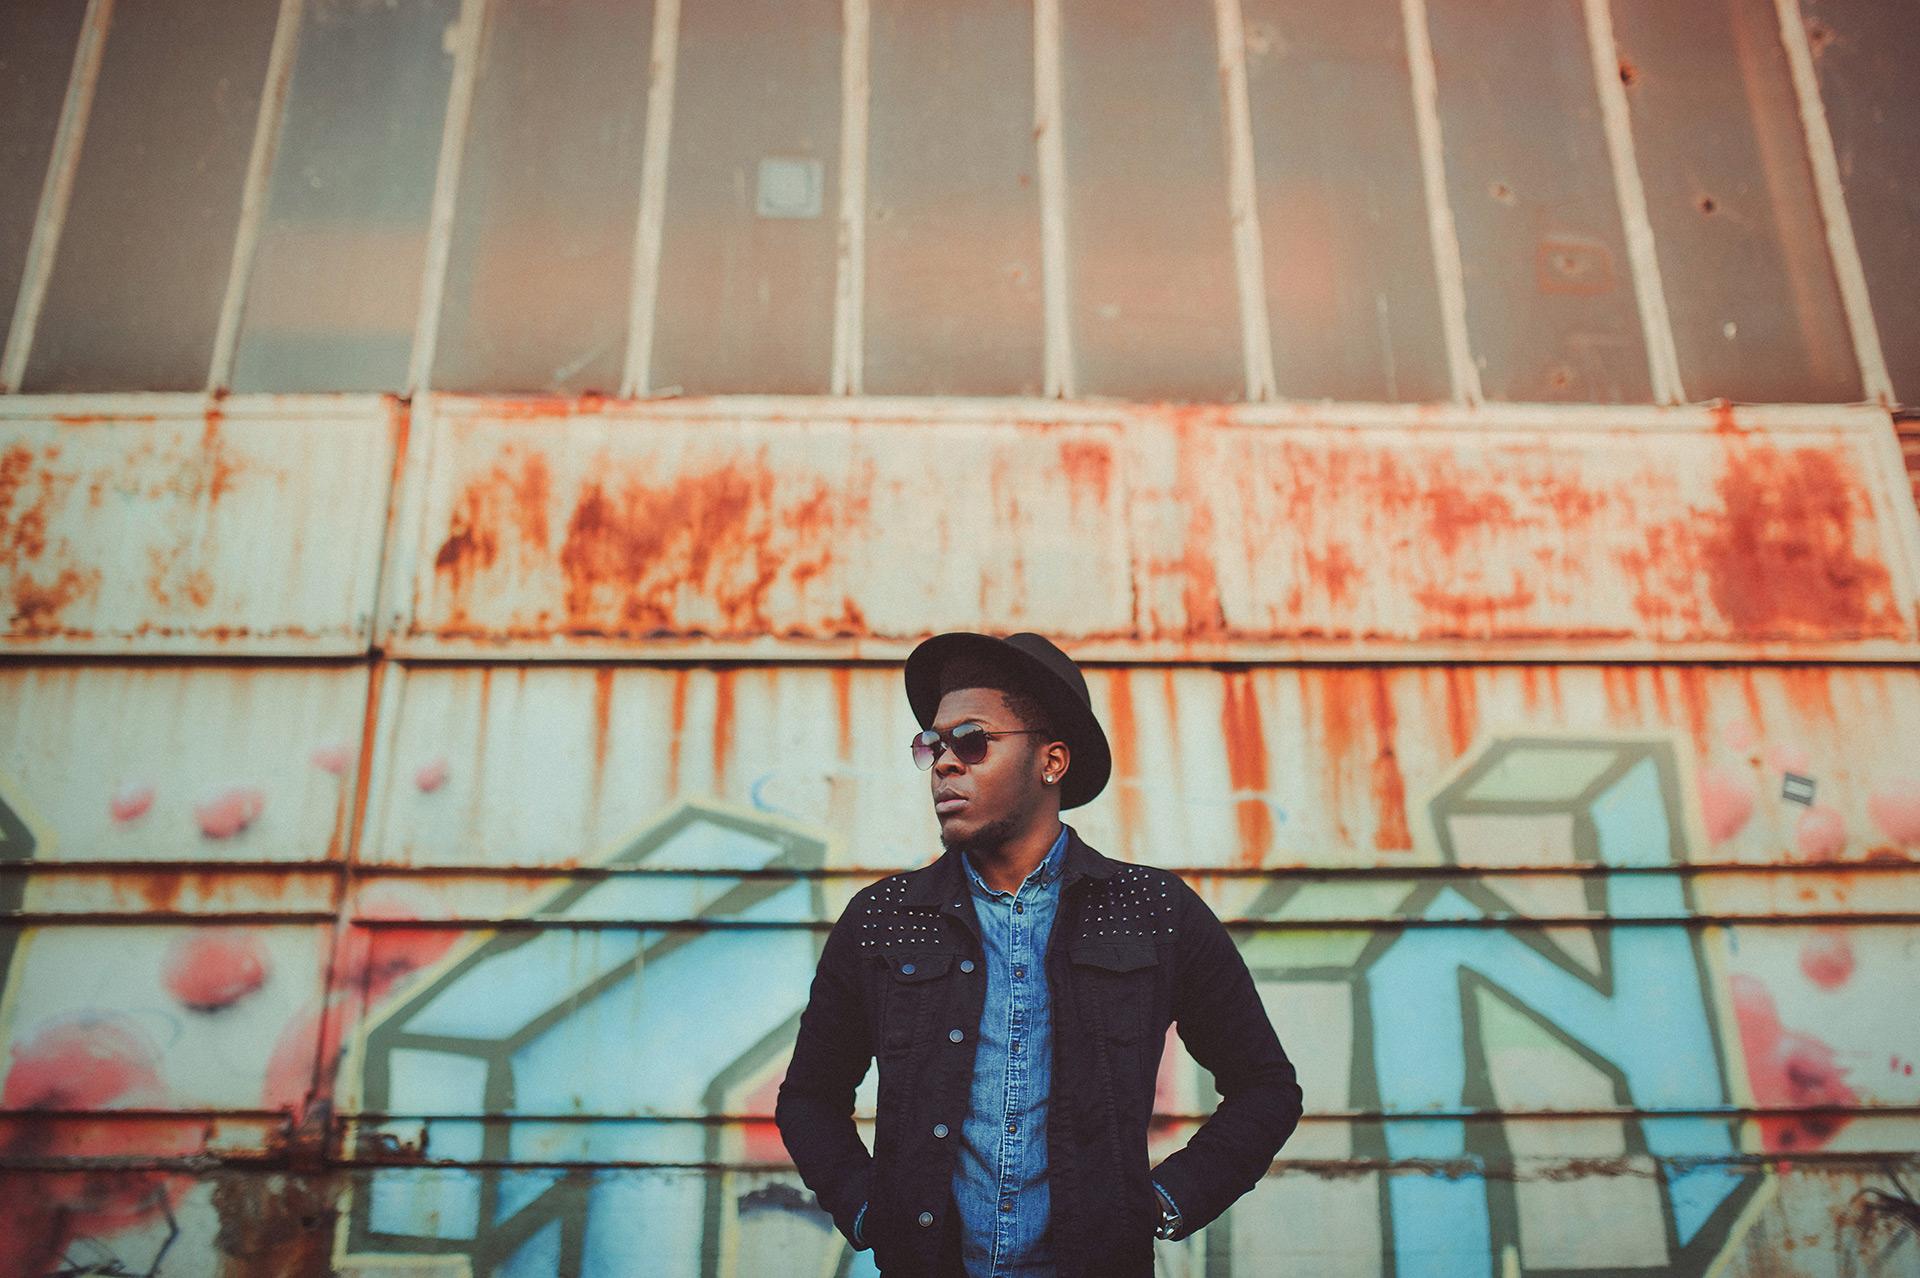 Billy mit Hut und Sonnenbrille vor einem Graffiti im Hafen